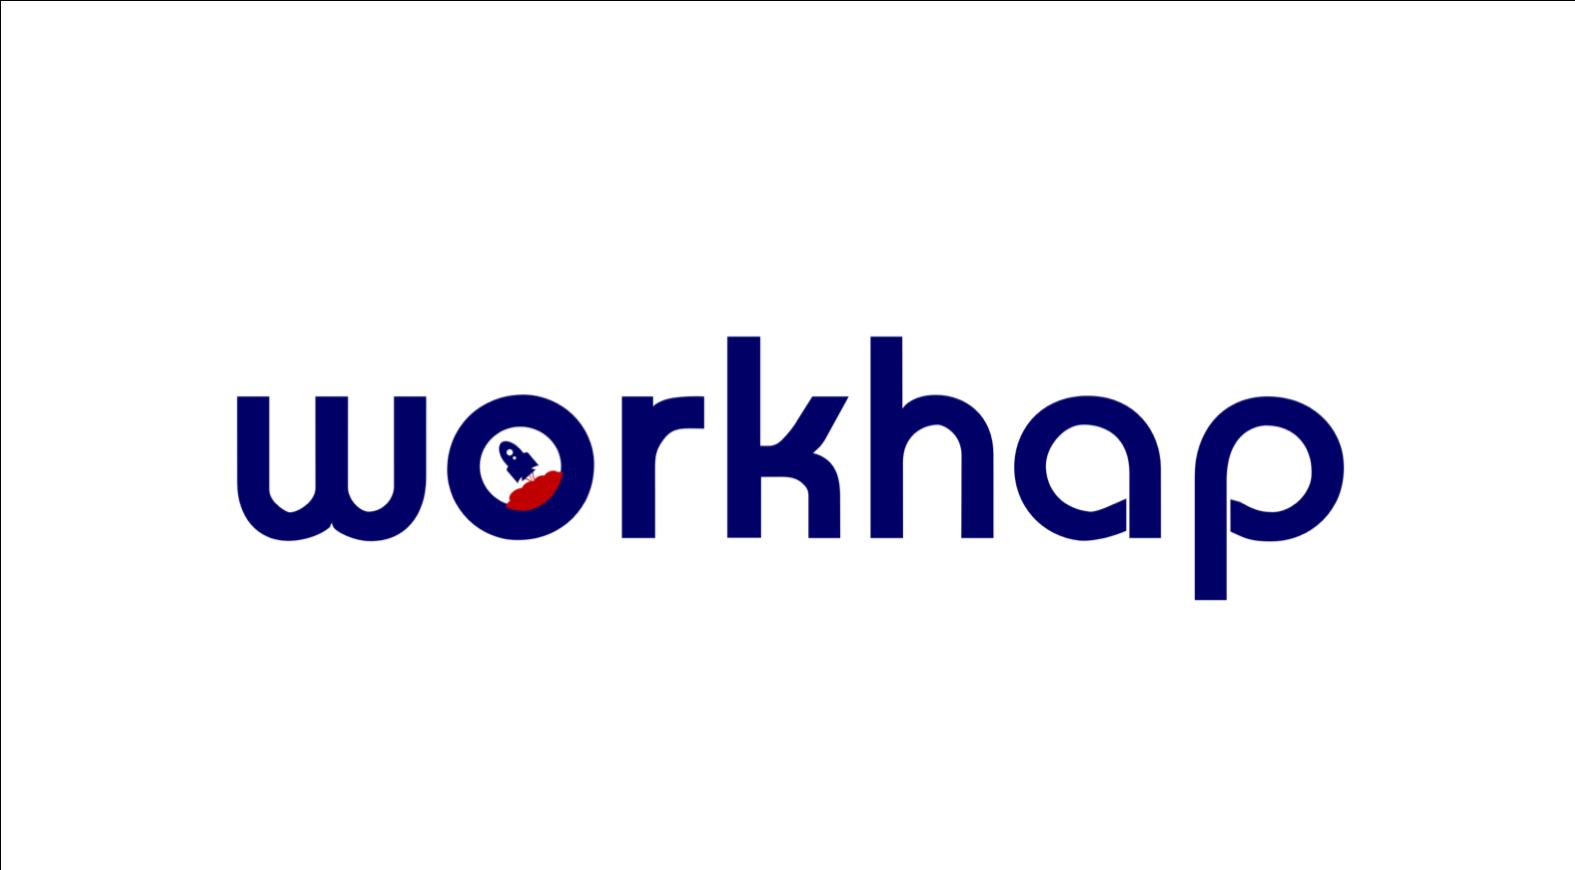 Workhap (HK)